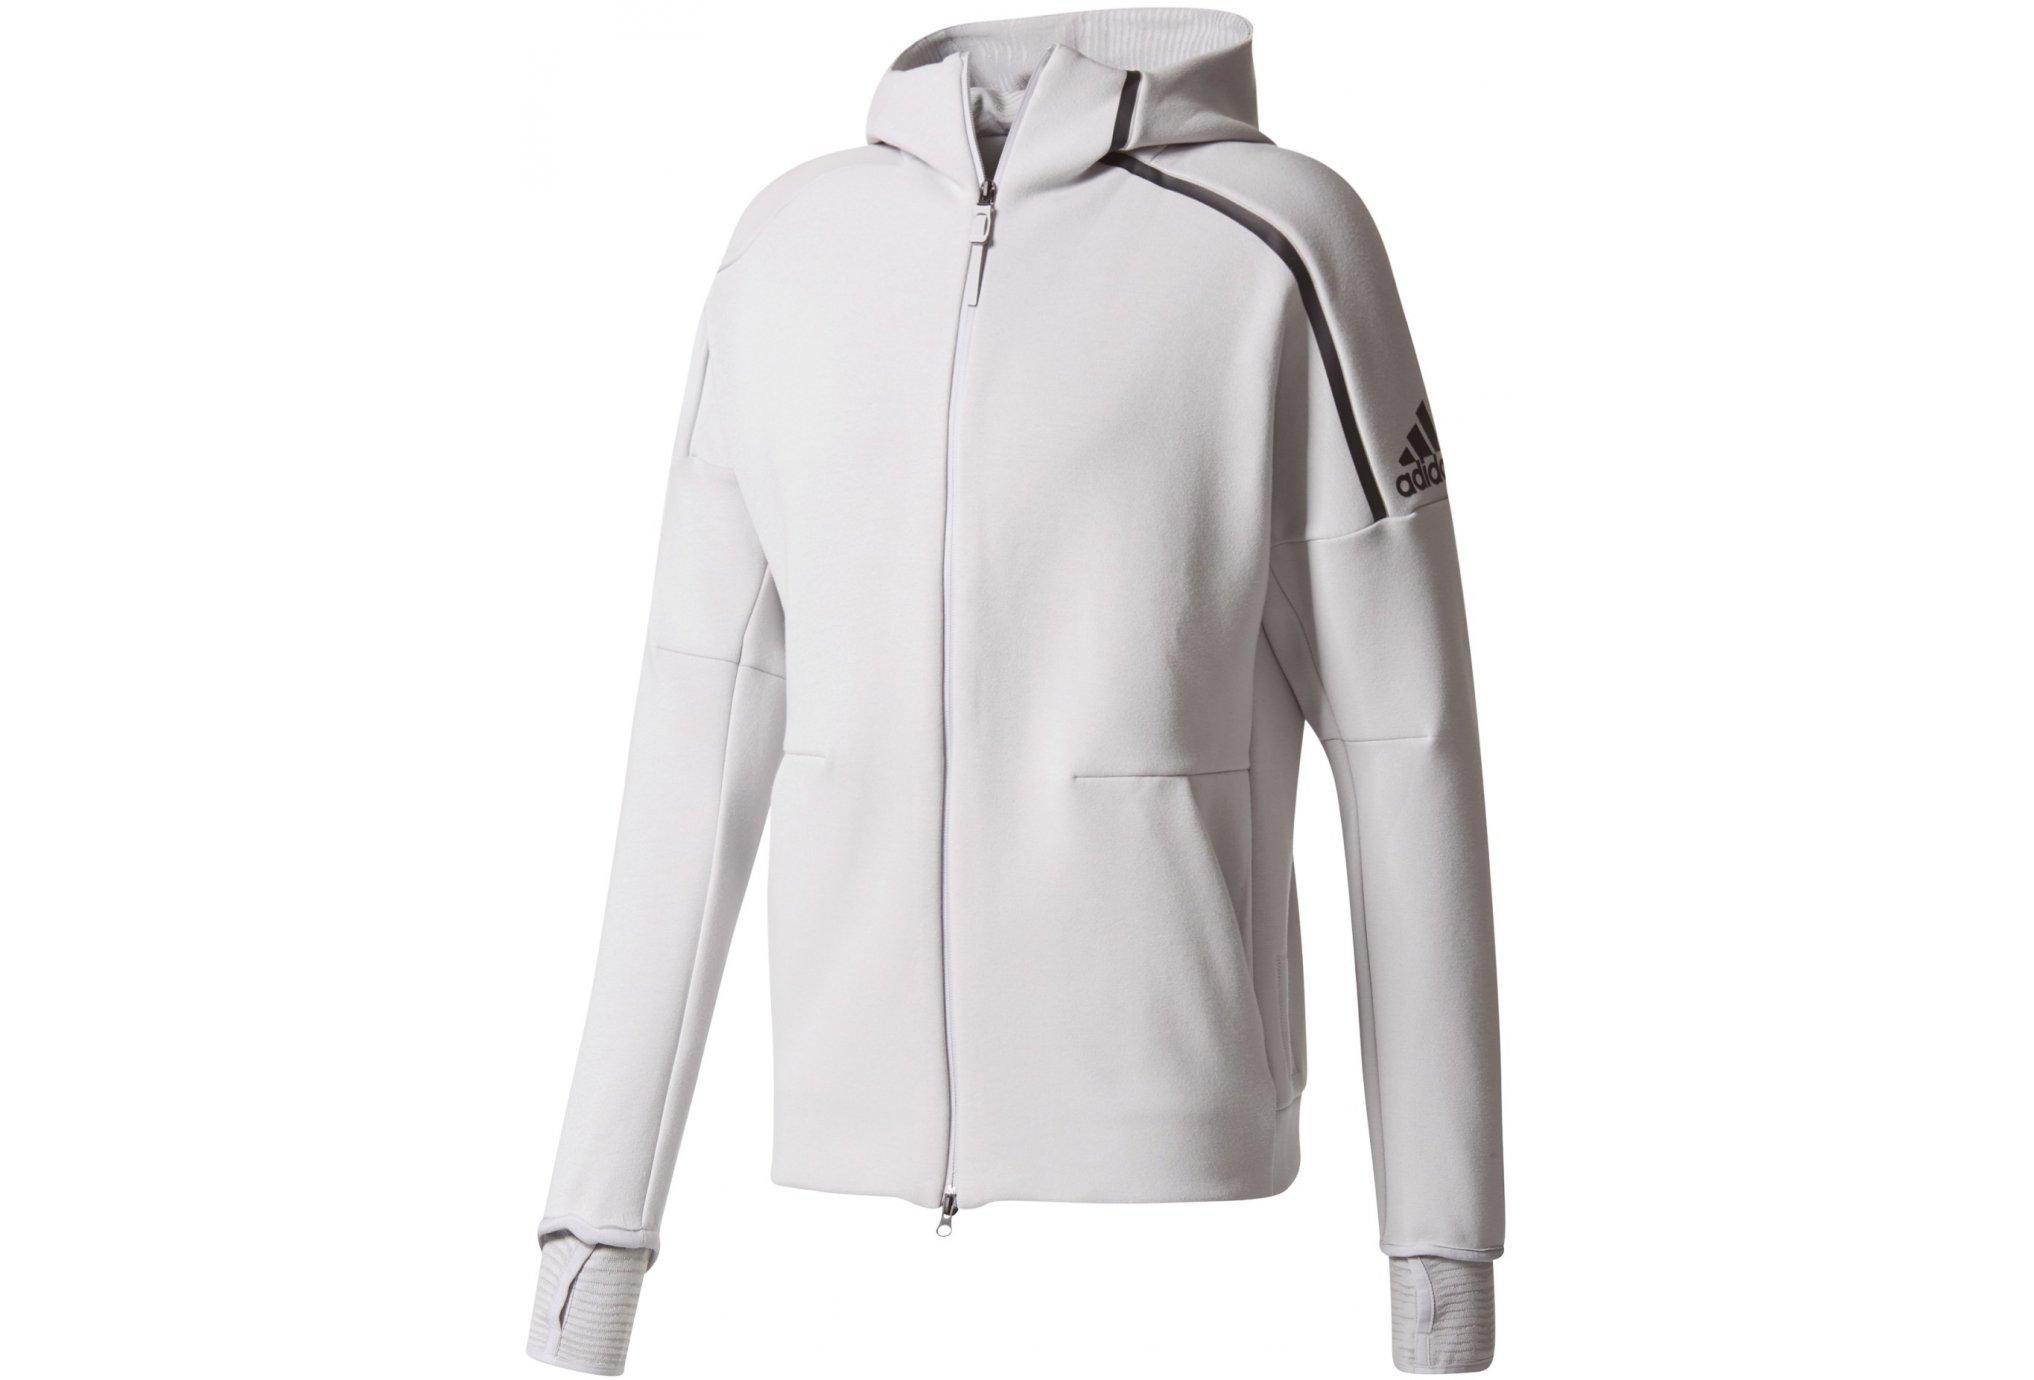 Vêtements Adidas Produits De Sportswear Prix Liste Homme Et nw7Aq8X8Ex